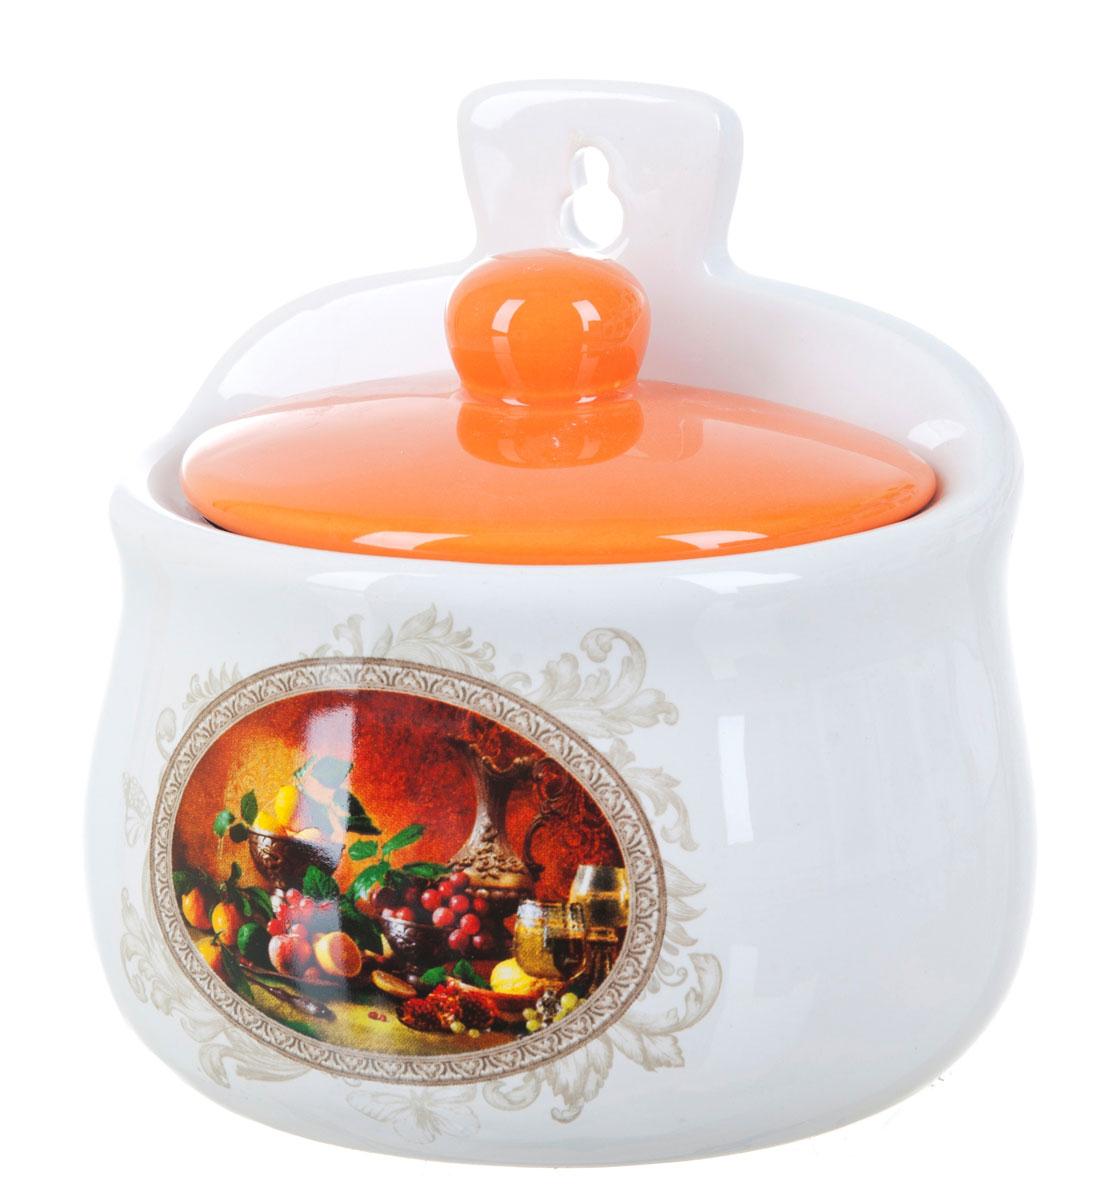 Солонка Polystar Севилья, 450 млL2520562Оригинальная солонка Севилья изготовлена из высококачественной керамики. Изделие имеет отверстие для подвешивания. Солонка Polystar Севилья украсит любую кухню и подчеркнет прекрасный вкус хозяина.Объем: 450 мл.